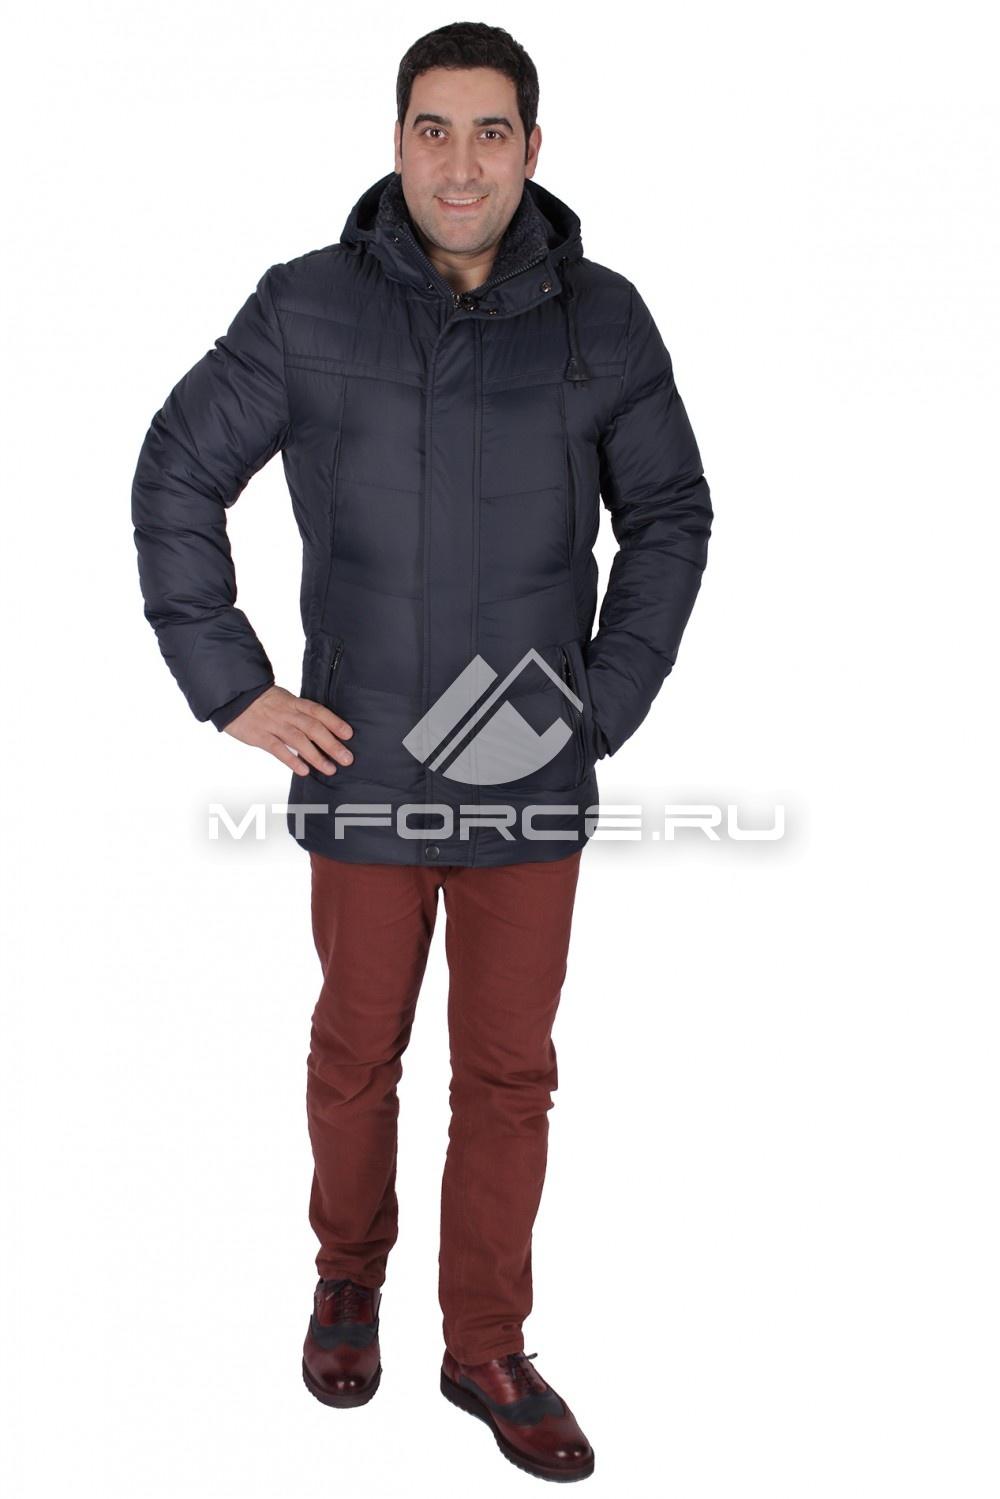 Купить                                  оптом Куртка зимняя мужская темно-синего цвета 734TS